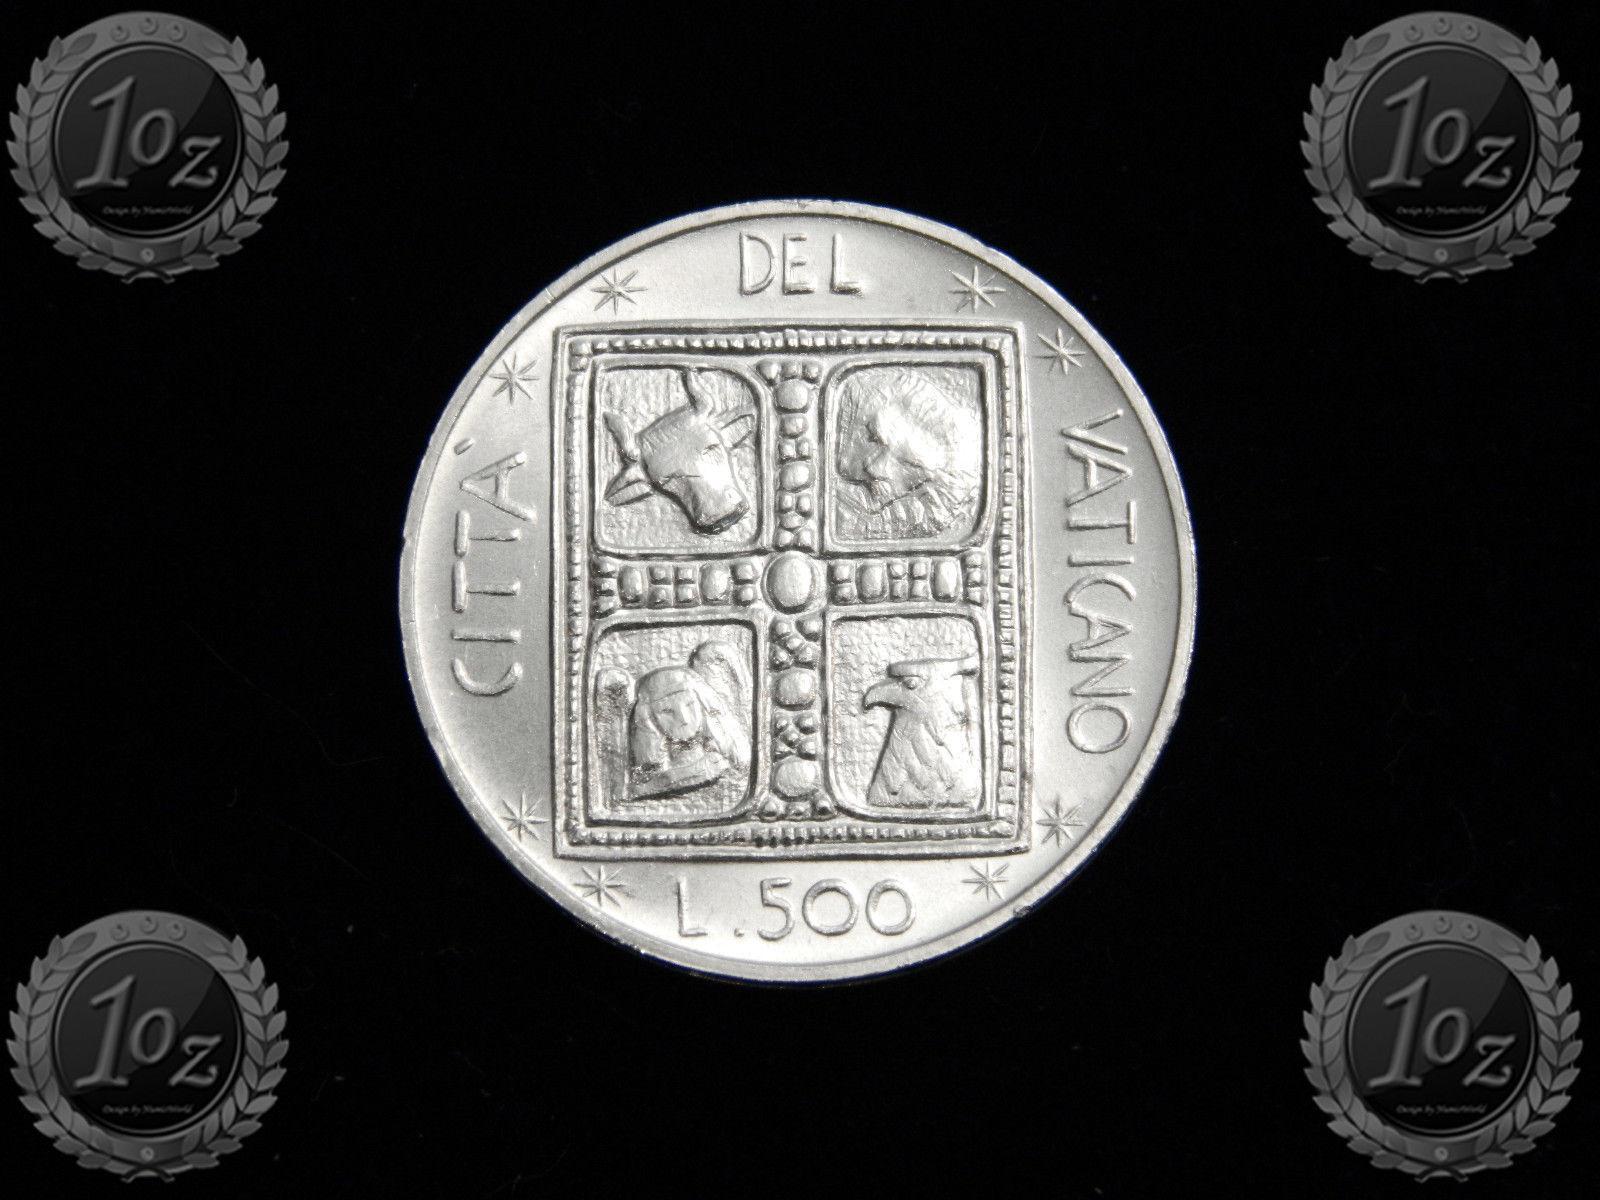 KM# 132 SILVER Commem UNC BOOK of EVANGELISTS VATICAN 500 LIRE 1977 coin